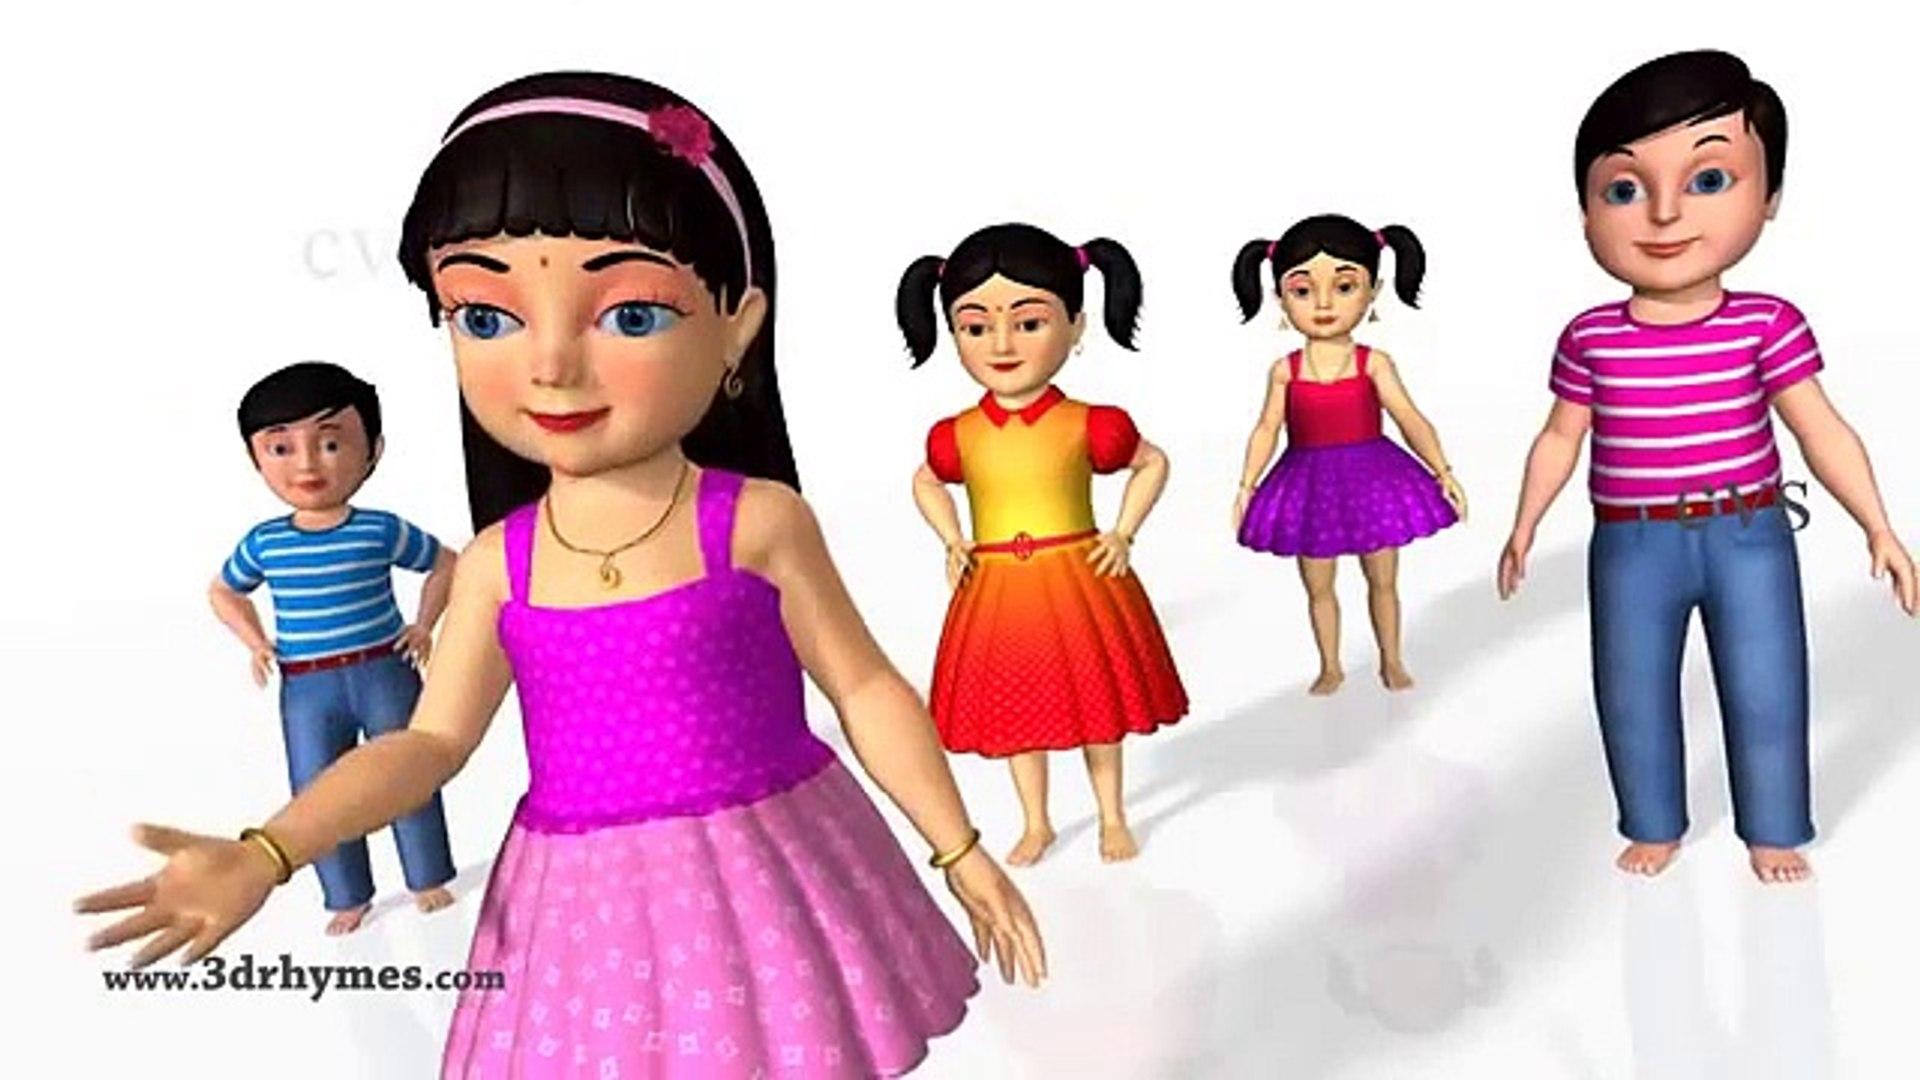 Ninja Turtles Cartoon Kids Nursery Rhyme Finger Family Children Rhymes Education